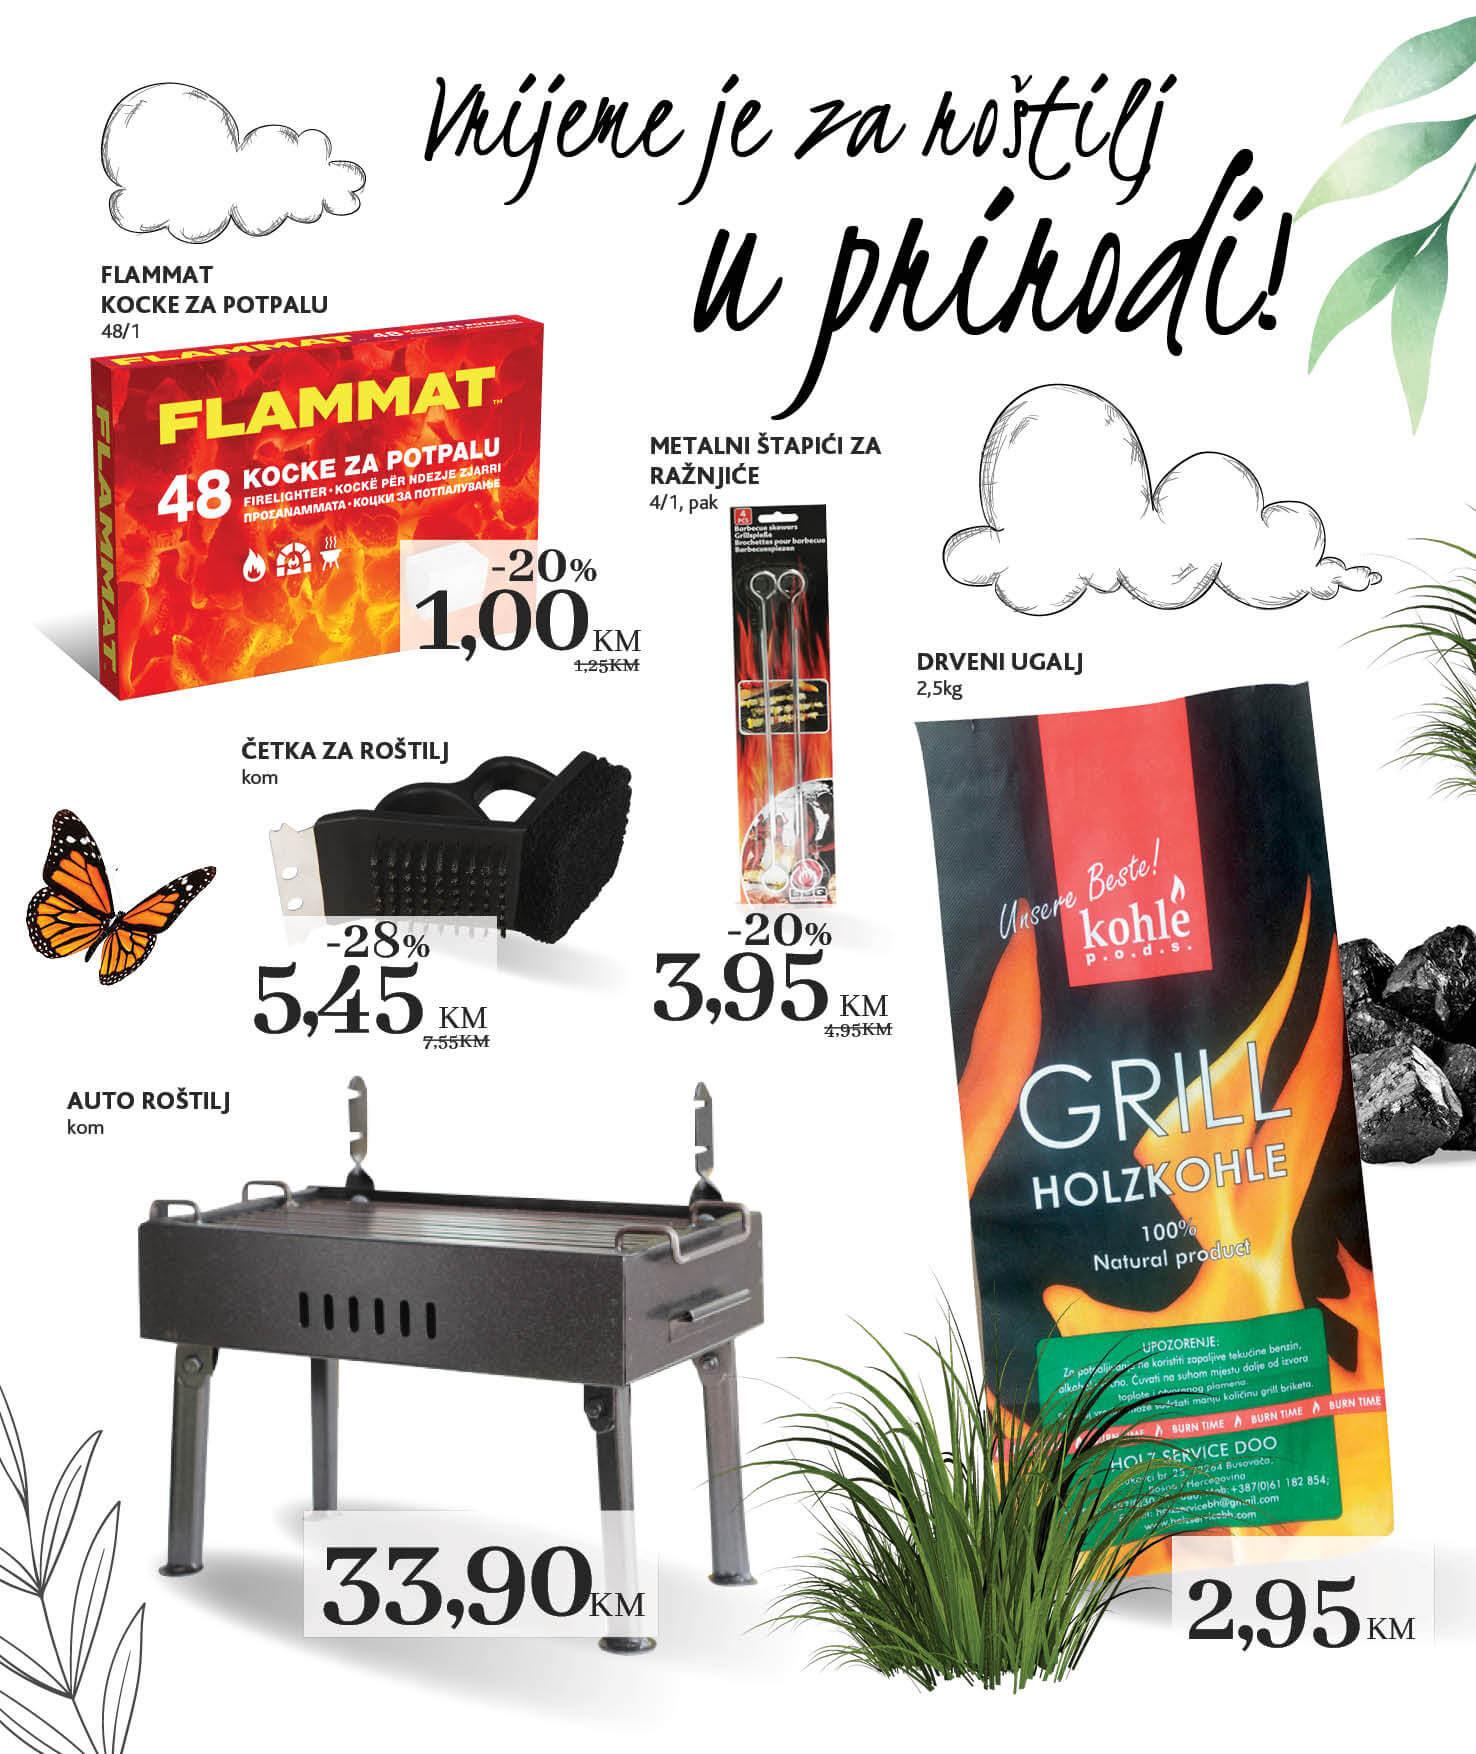 KONZUM Katalog Za boravak u prirodi JUN i JUL 2021 14.6. 14.7. eKatalozi.com PR Page 08